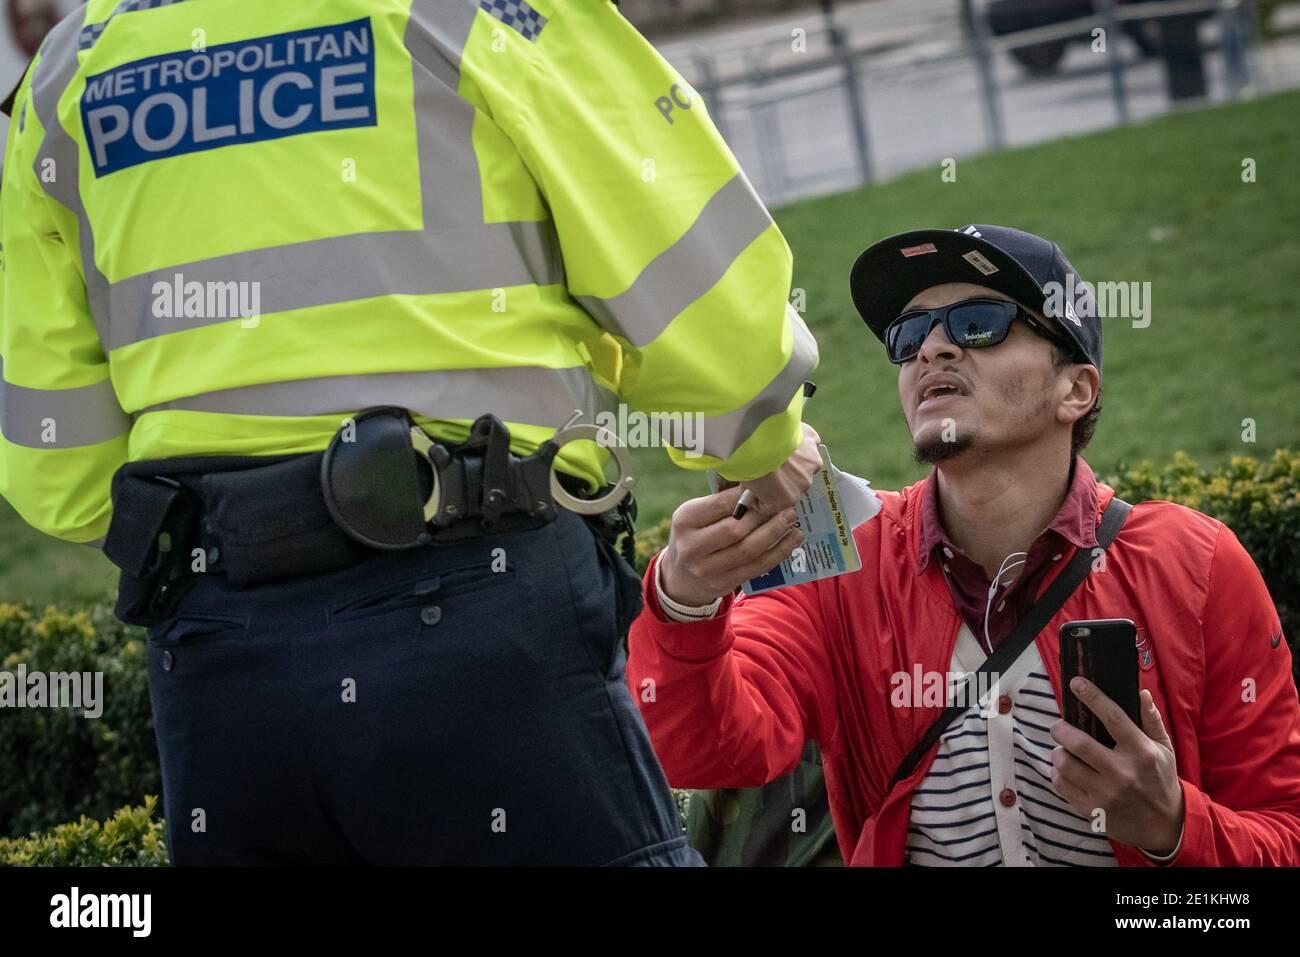 Coronavirus : la police émet des amendes ponctuelles de 200 £ lors d'une tentative de manifestation anti-verrouillage à Parliament Square, Londres, Royaume-Uni. Banque D'Images